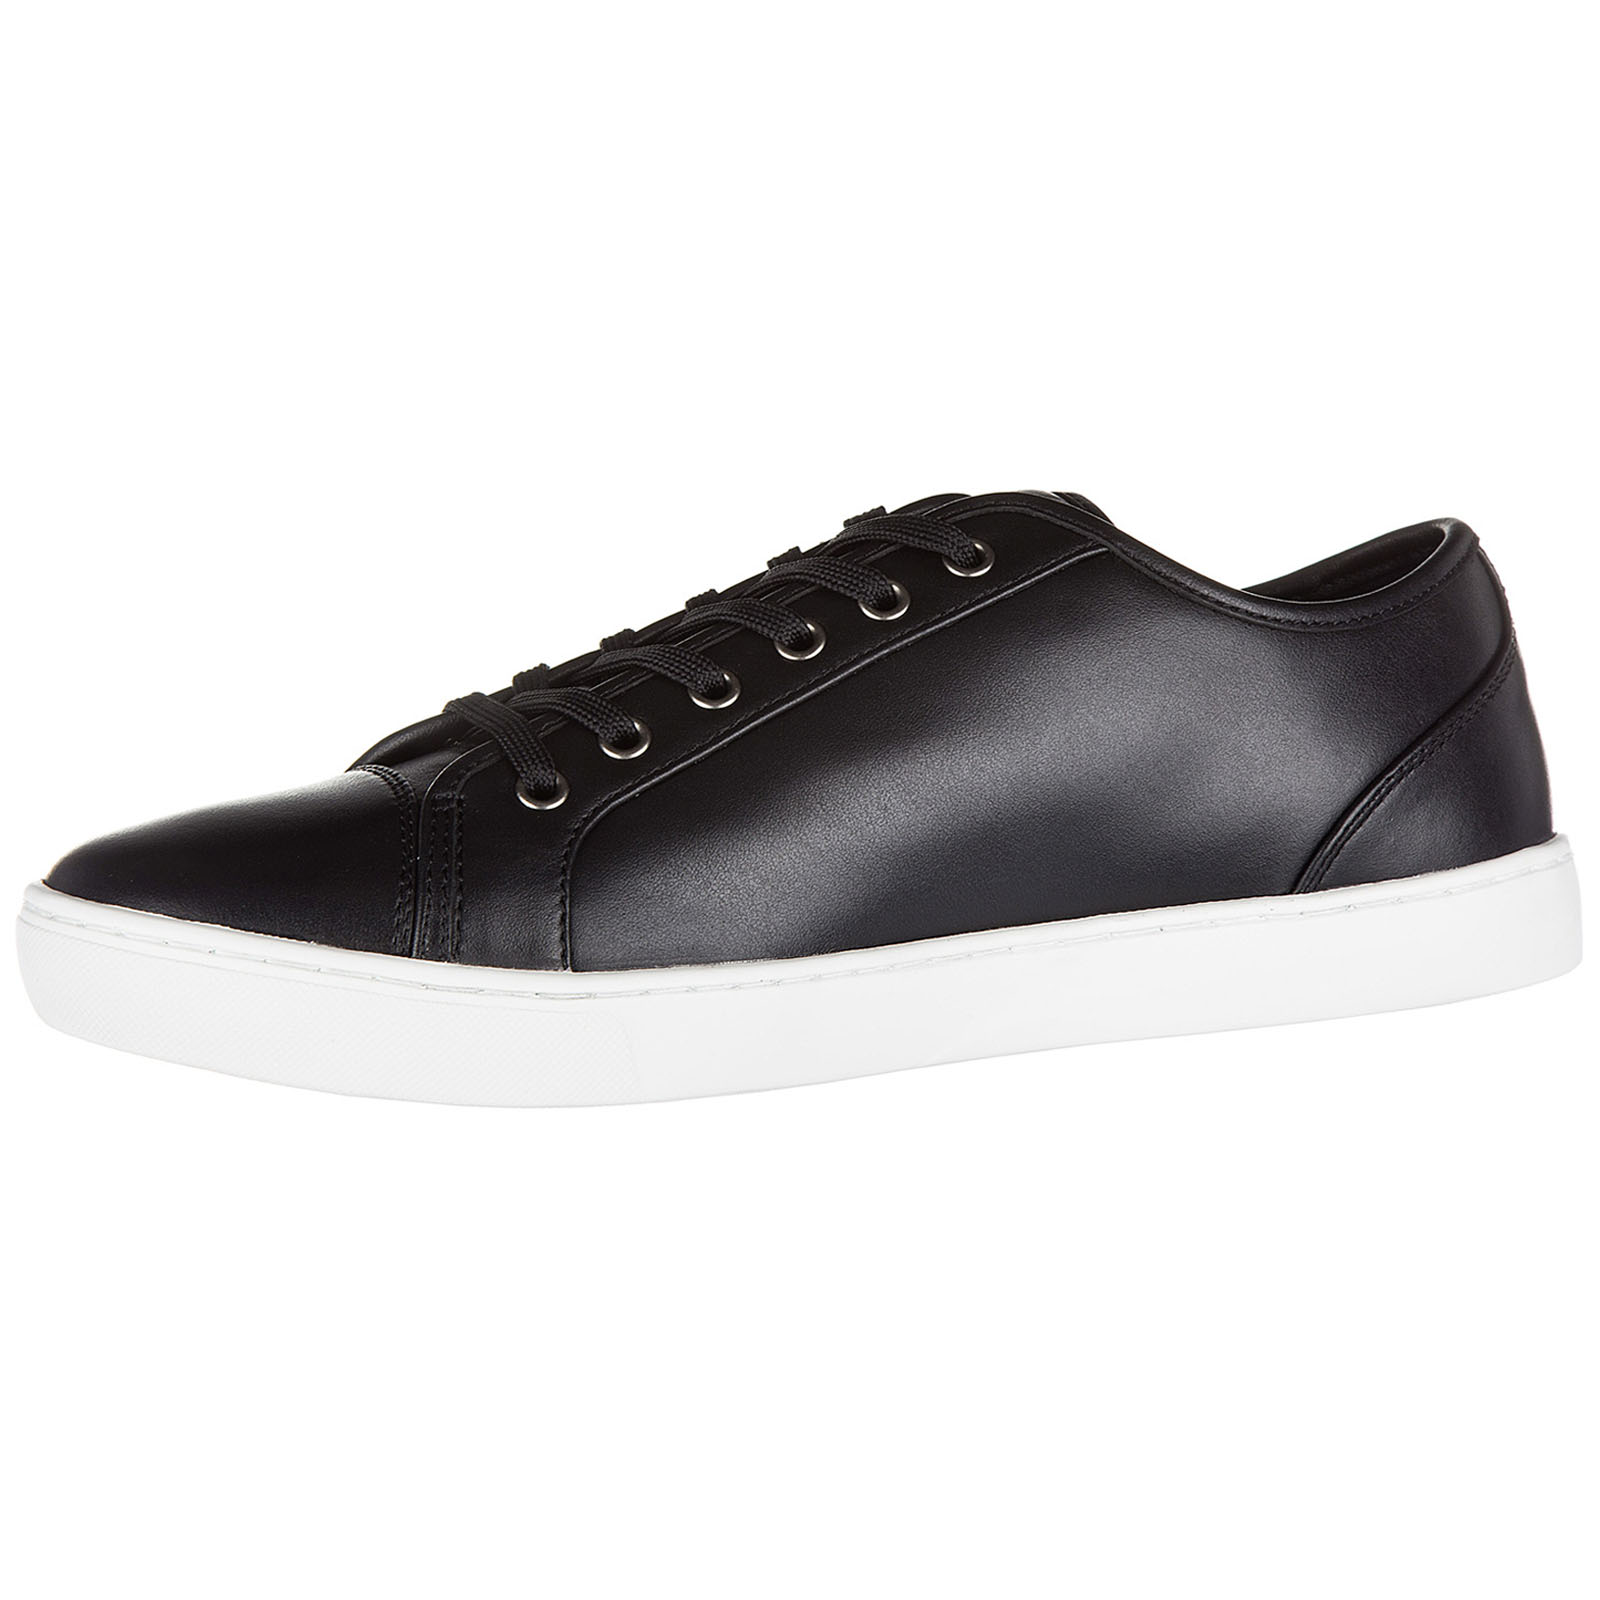 Zapatos zapatillas de deporte hombres en piel